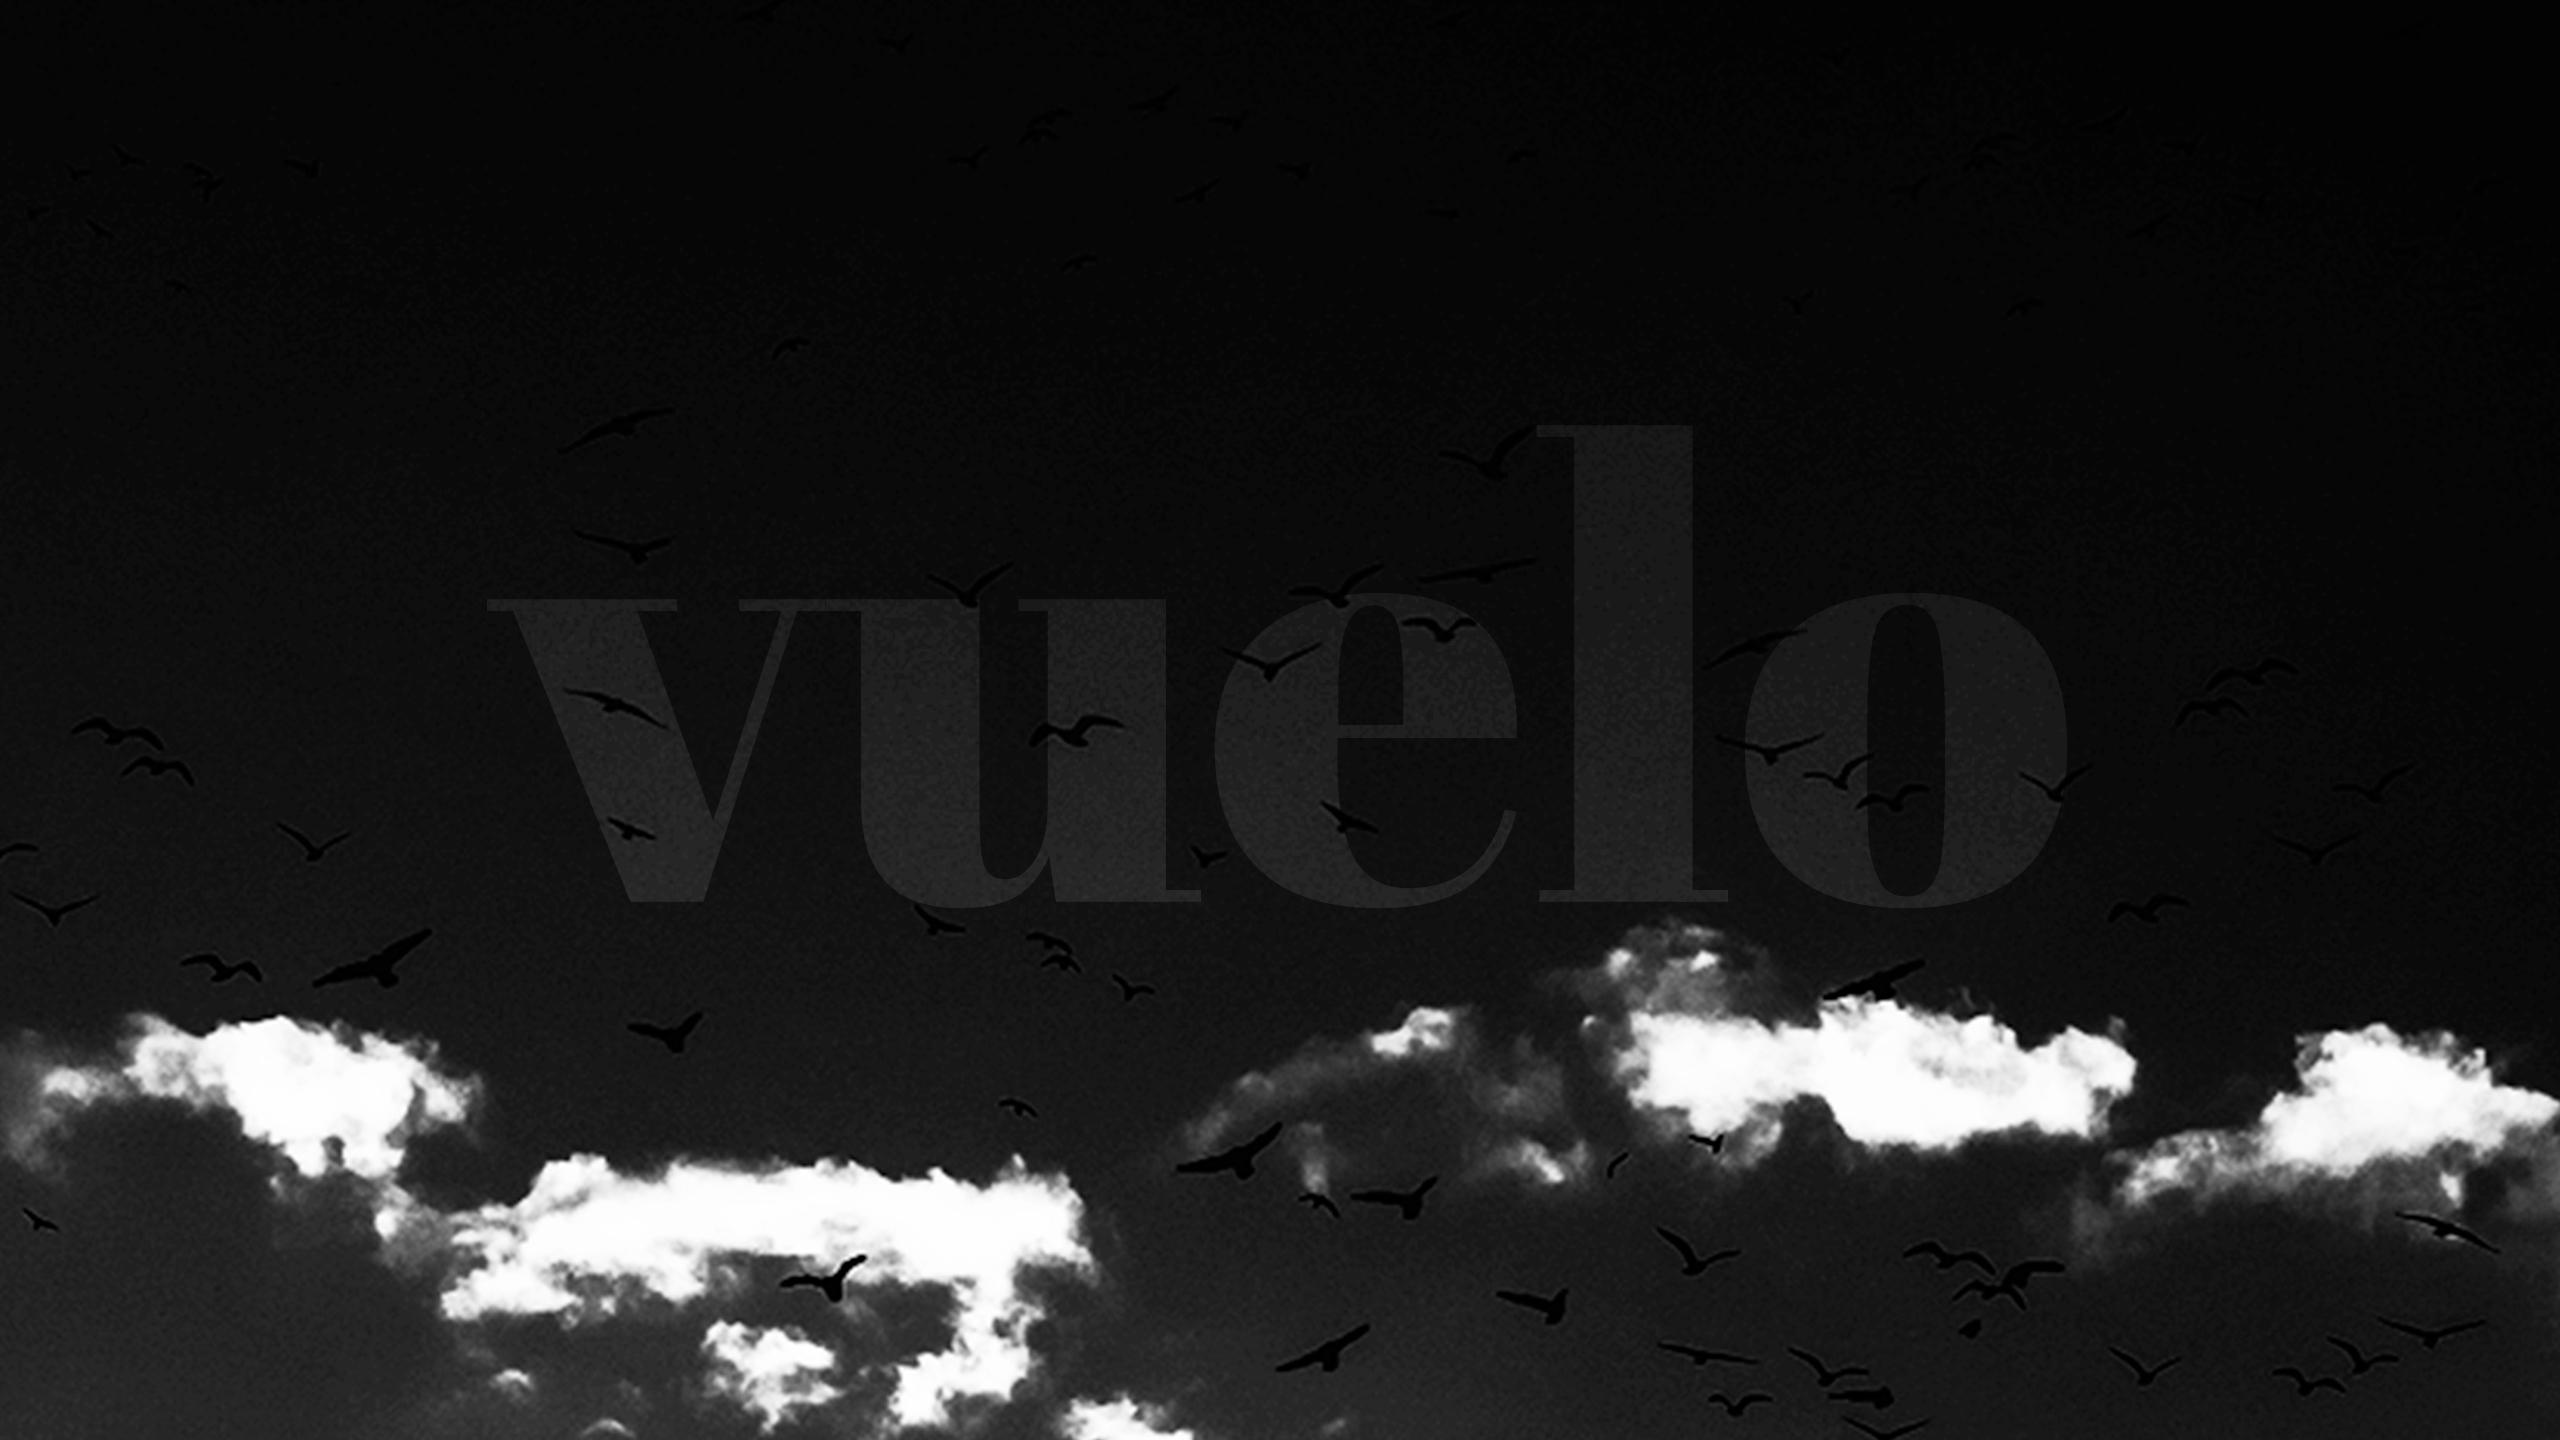 vuelo (@vuelo) Cover Image